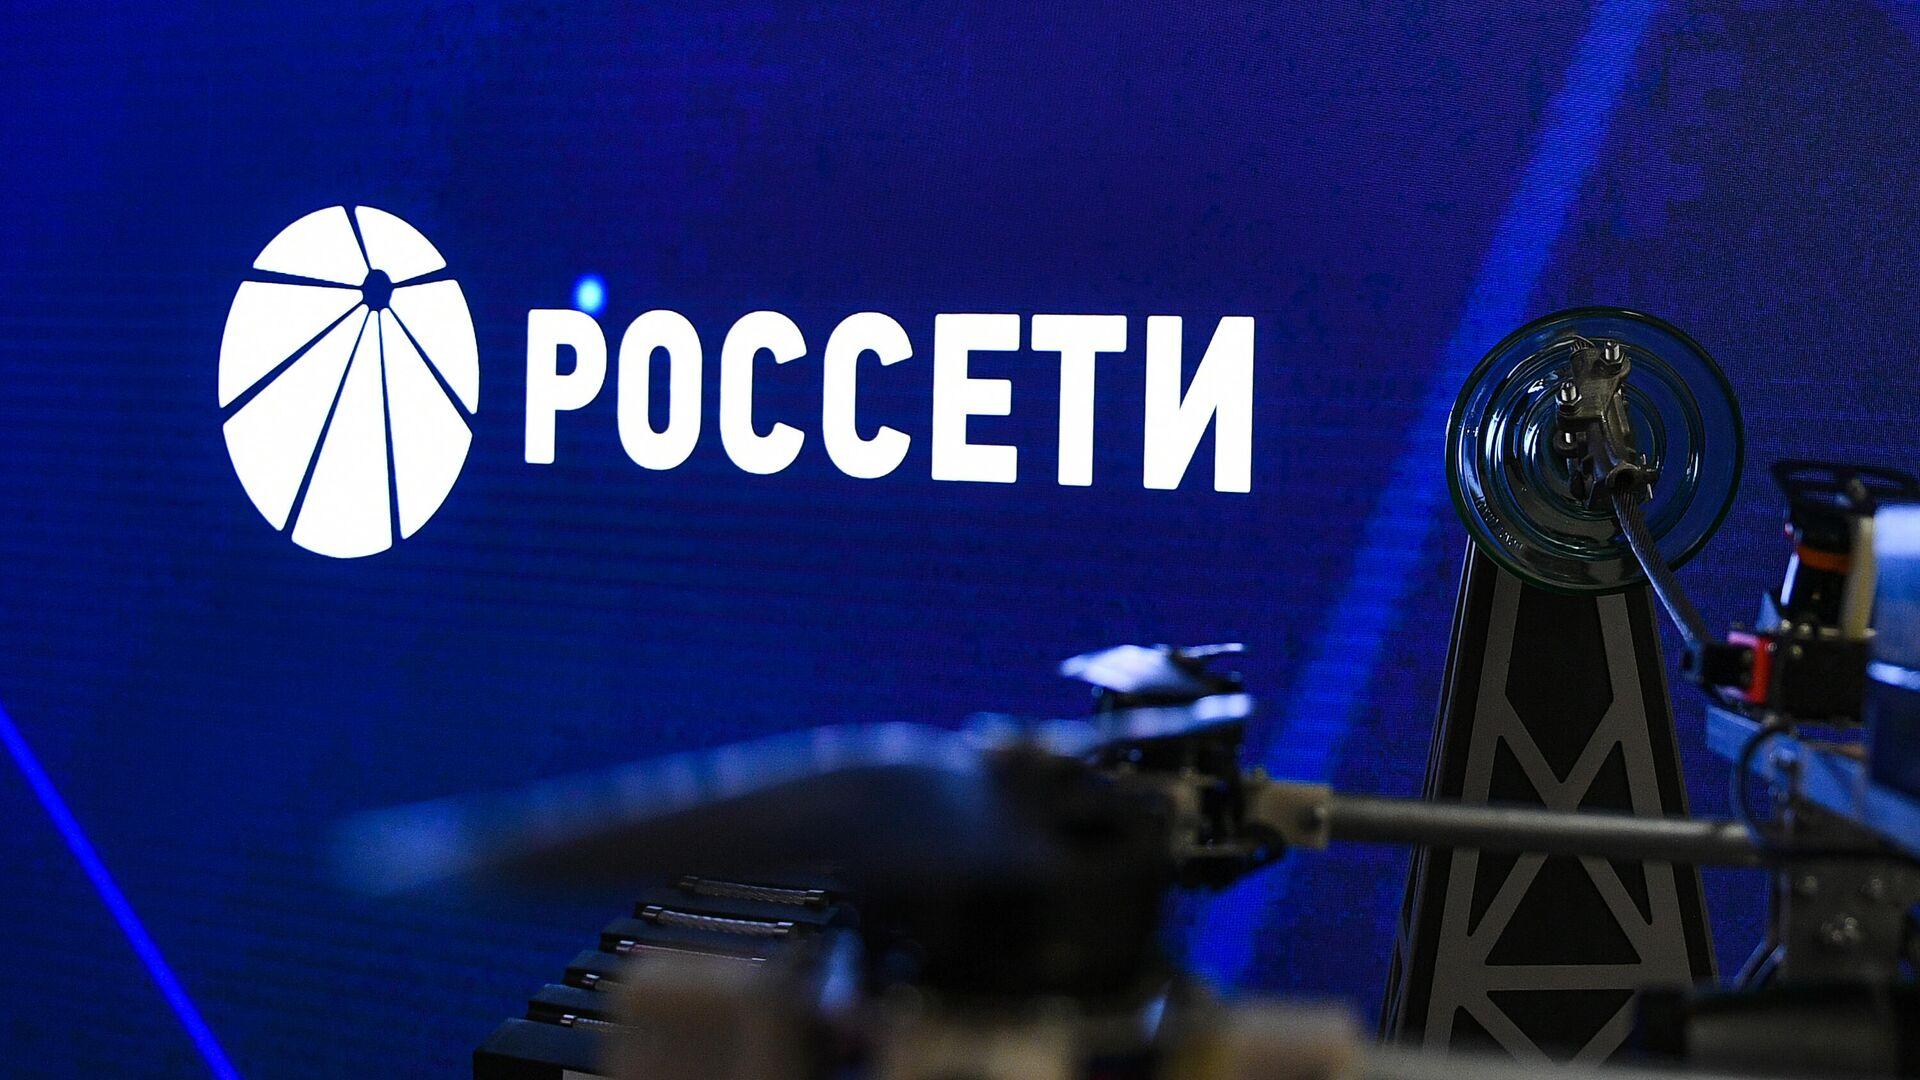 В офисе компании ПАО Россети - РИА Новости, 1920, 12.10.2020